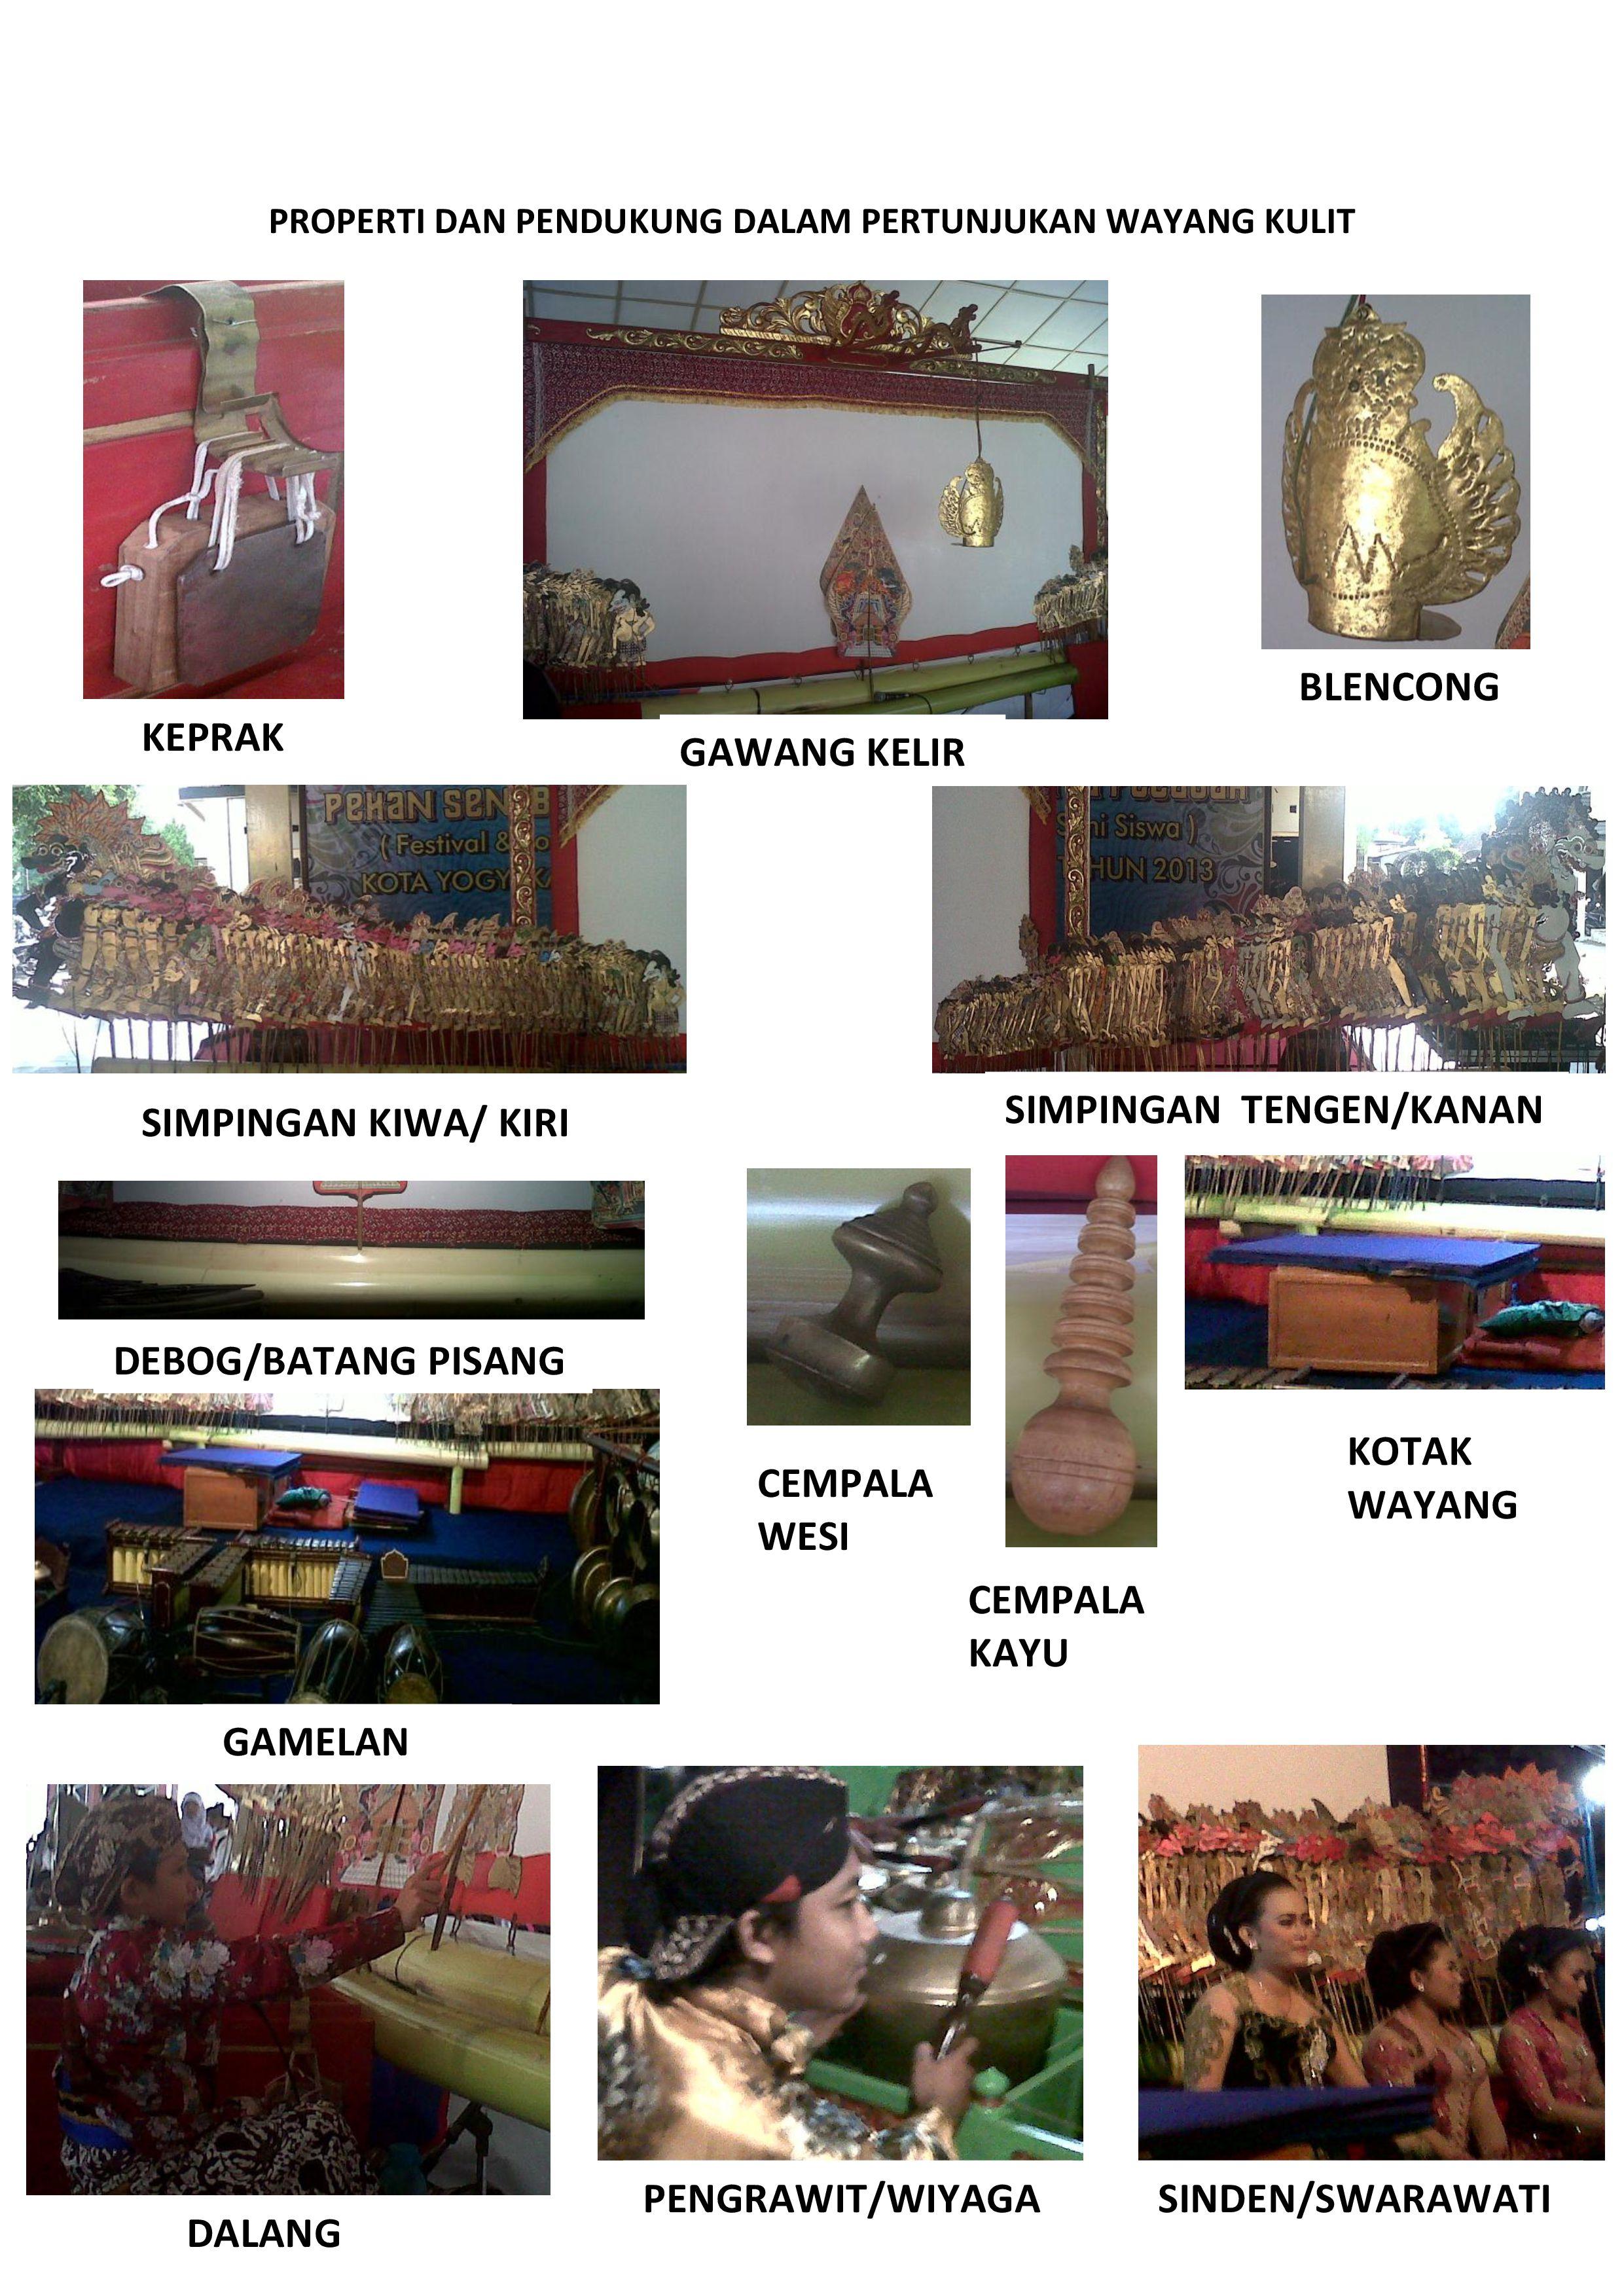 23+ koleksi istimewa gambar wayang kartun keren · 56+ gambar wayang lan jenenge lan. Unsur Unsur Dalam Pertunjukan Wayang Kulit Purwa Classical Javanese Gamelan Shadow Puppet And Dance